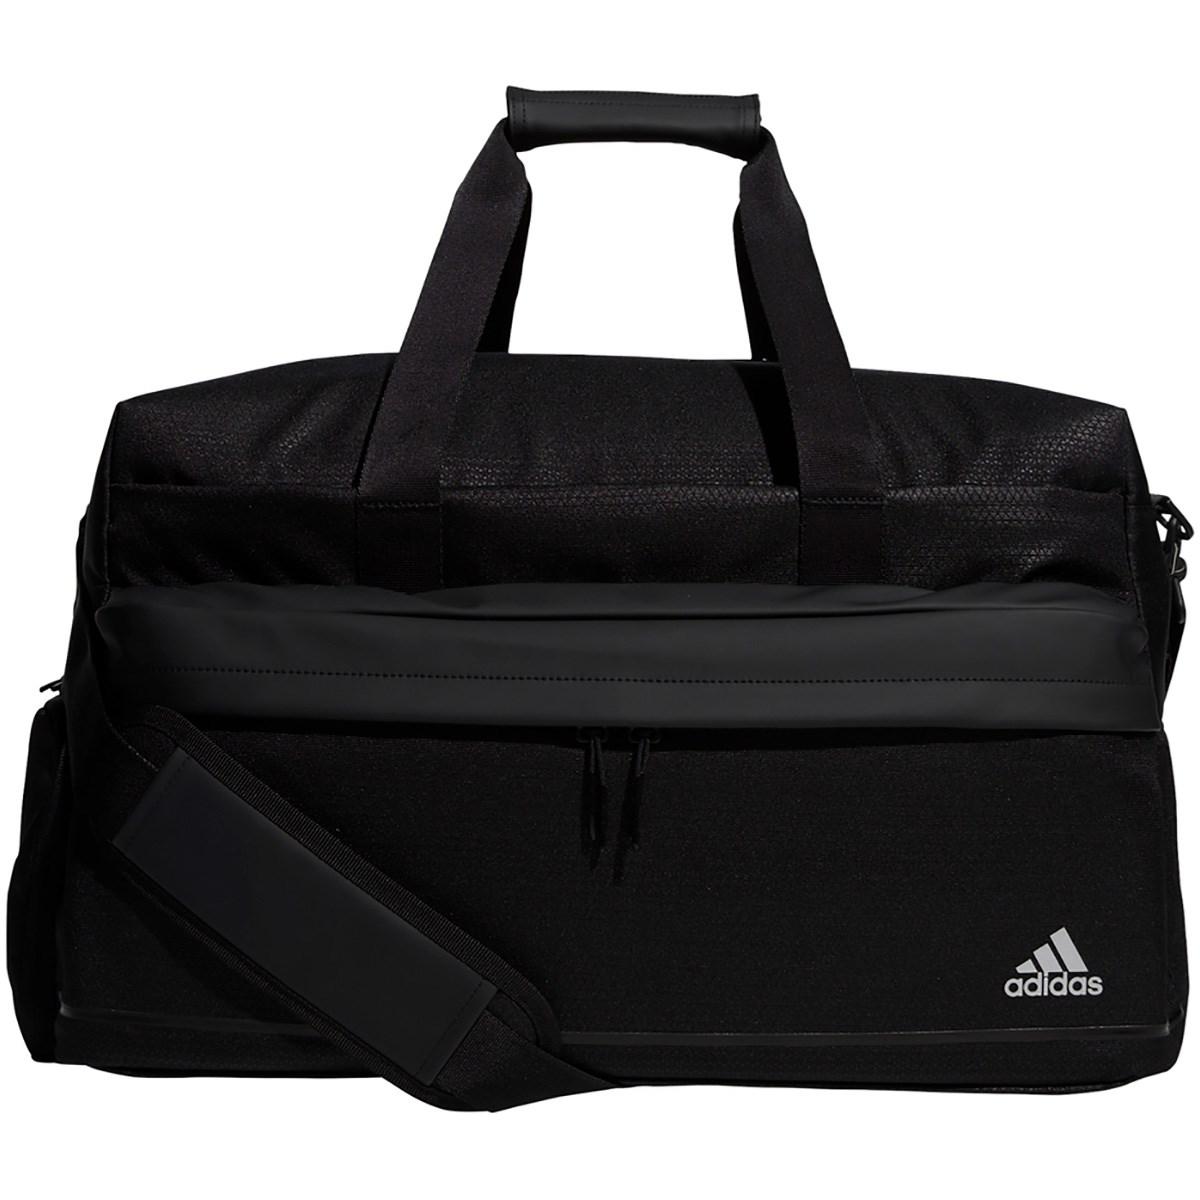 アディダス Adidas ダッフルバッグ ブラック